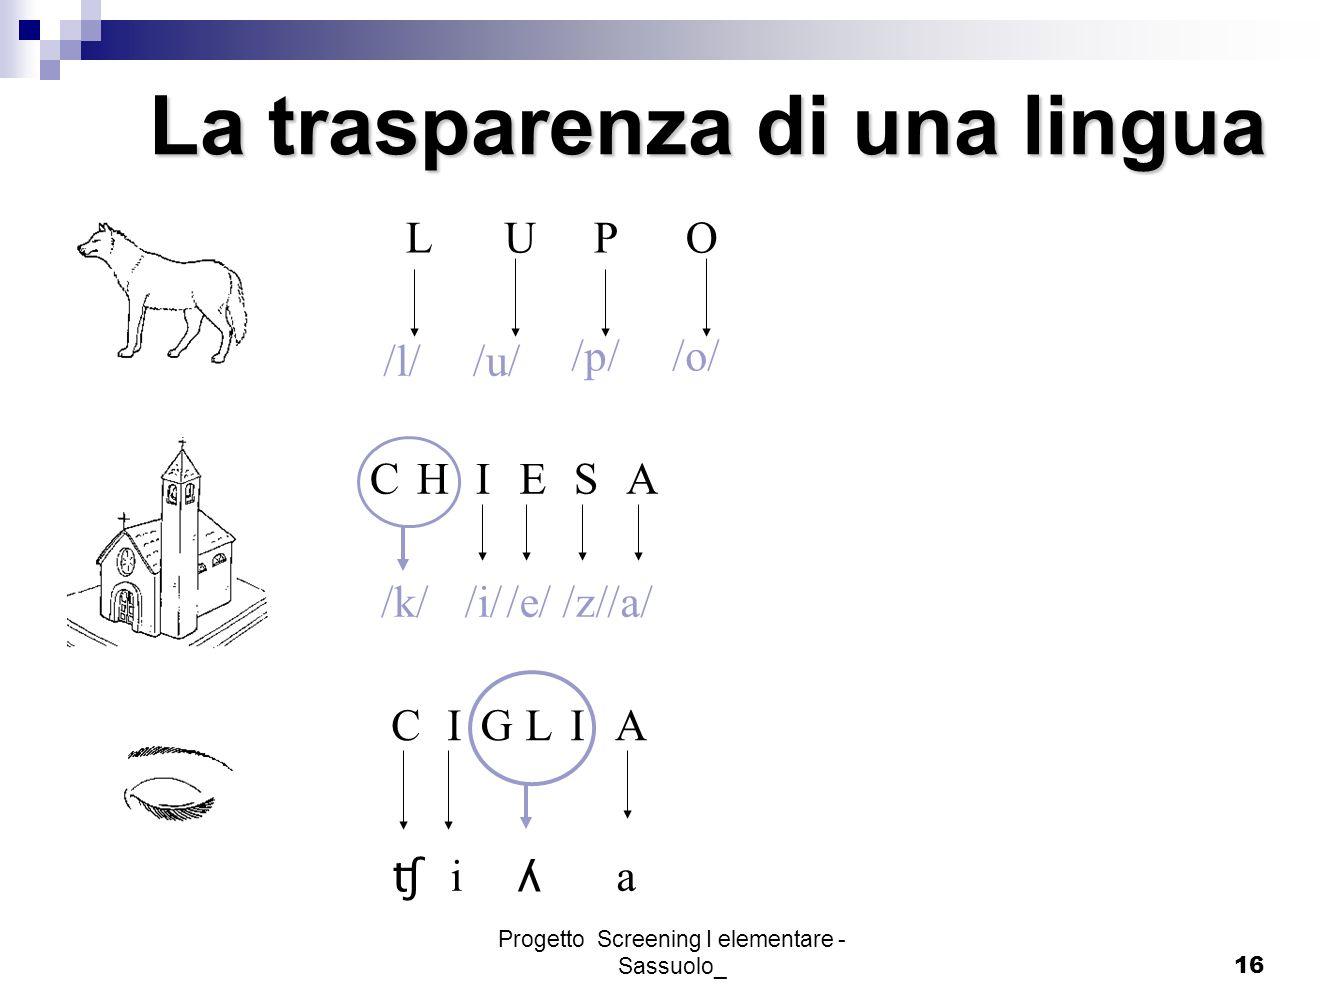 Progetto Screening I elementare - Sassuolo_16 La trasparenza di una lingua L /l/ U /u/ P /p/ O /o/ CHIESA /k//i//e//z//a/ CIGLIA ʧ i ʎ a